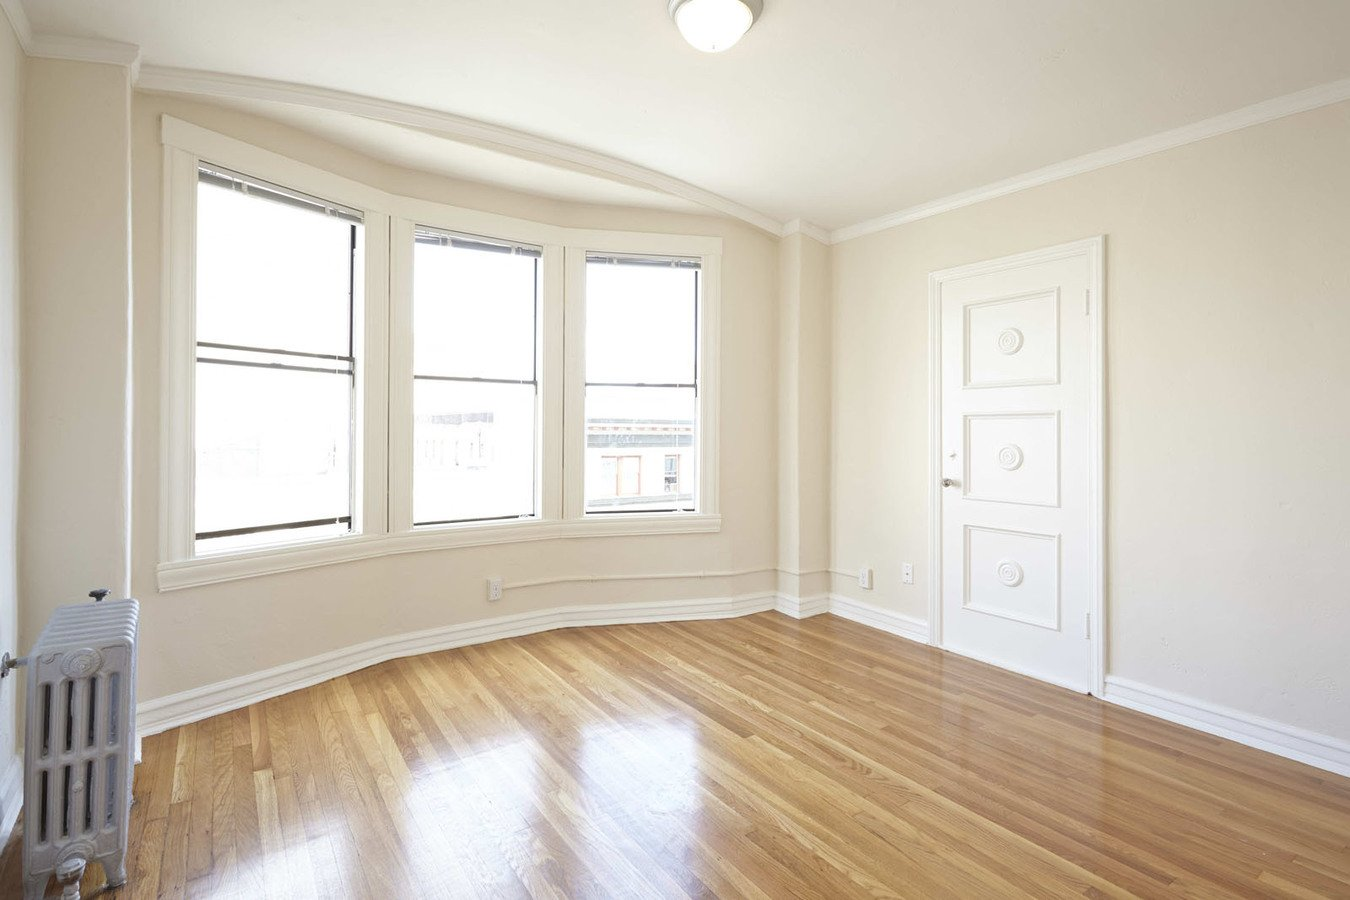 1 Bedroom 1 Bathroom Apartment for rent at 601 O'farrell Apartments in San Francisco, CA